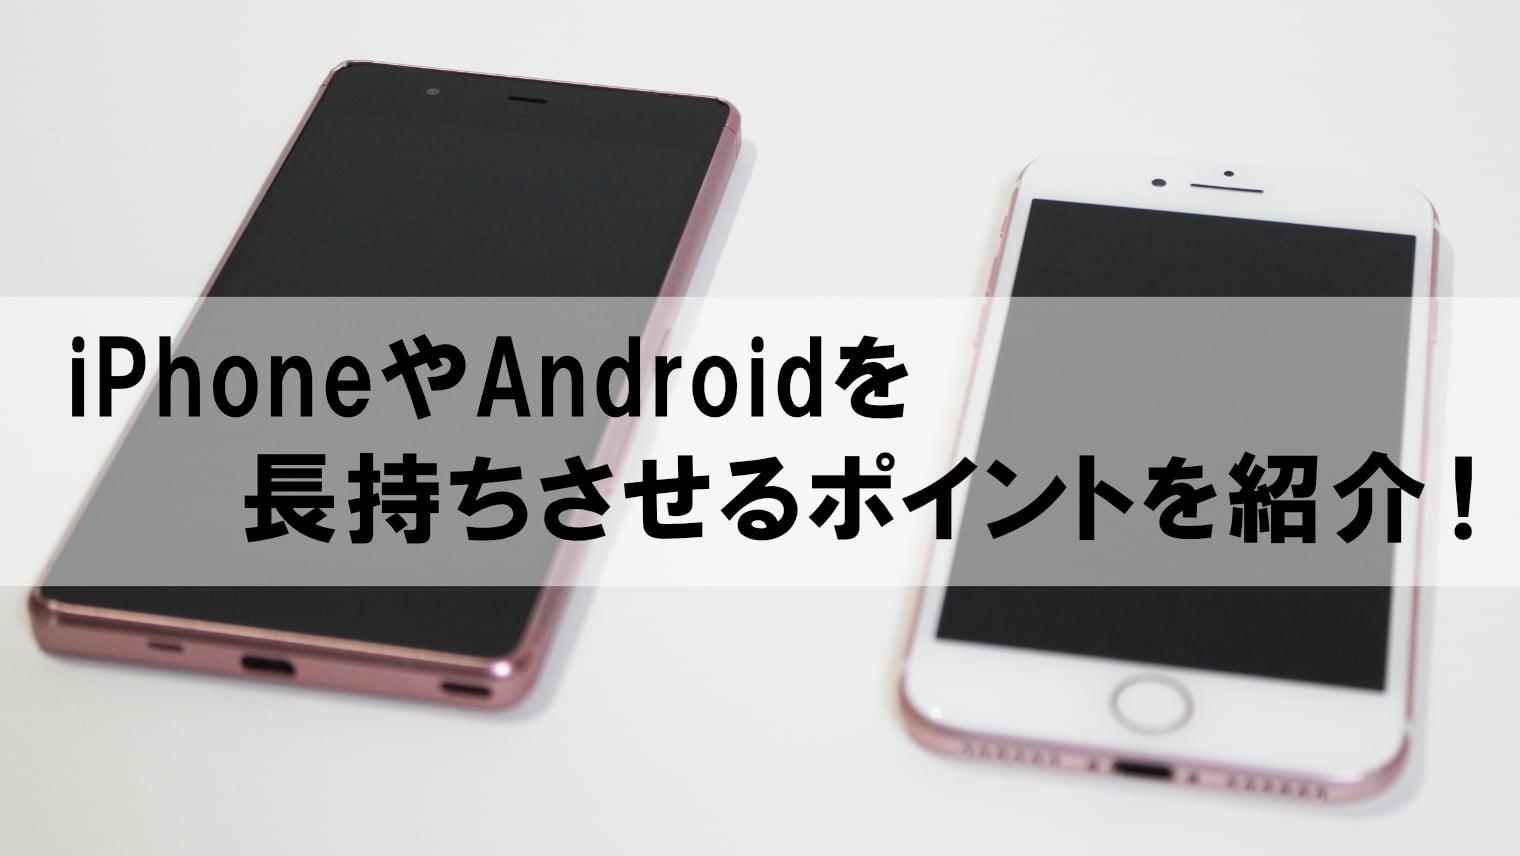 iPhoneやAndroidを長持ちさせる5つのポイントを解説